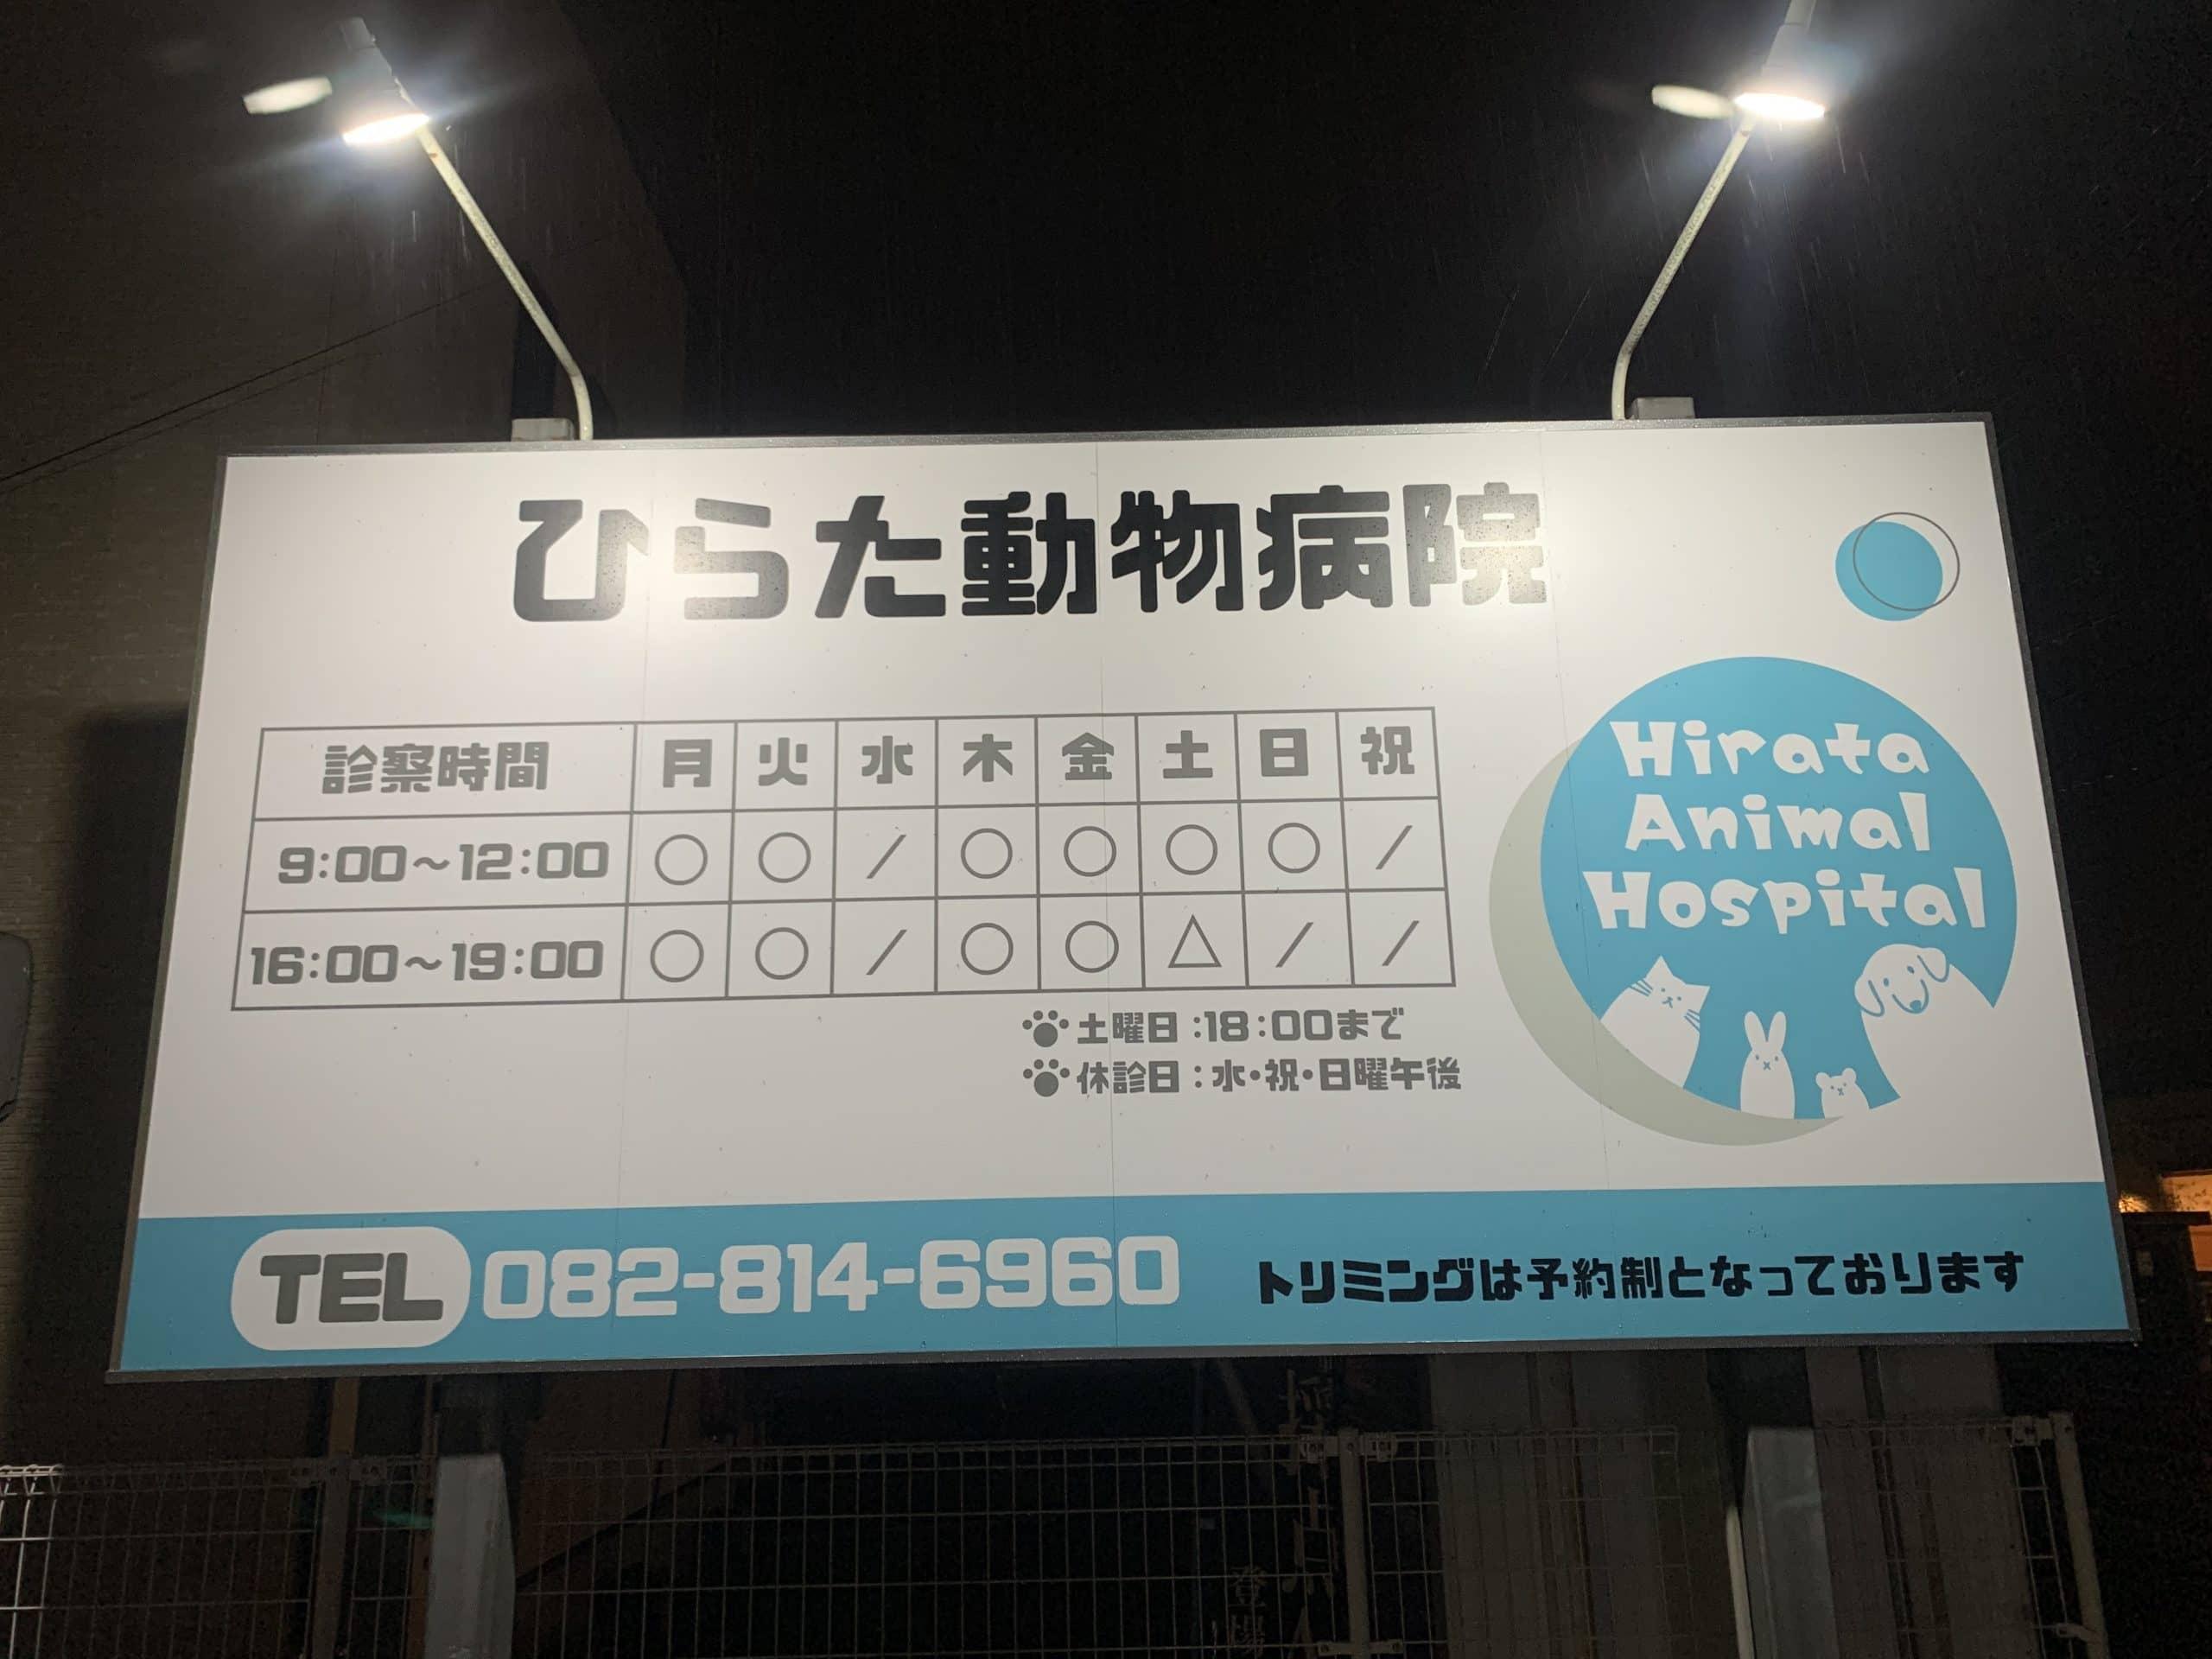 看板 時間案内 ひらた動物病院 広島